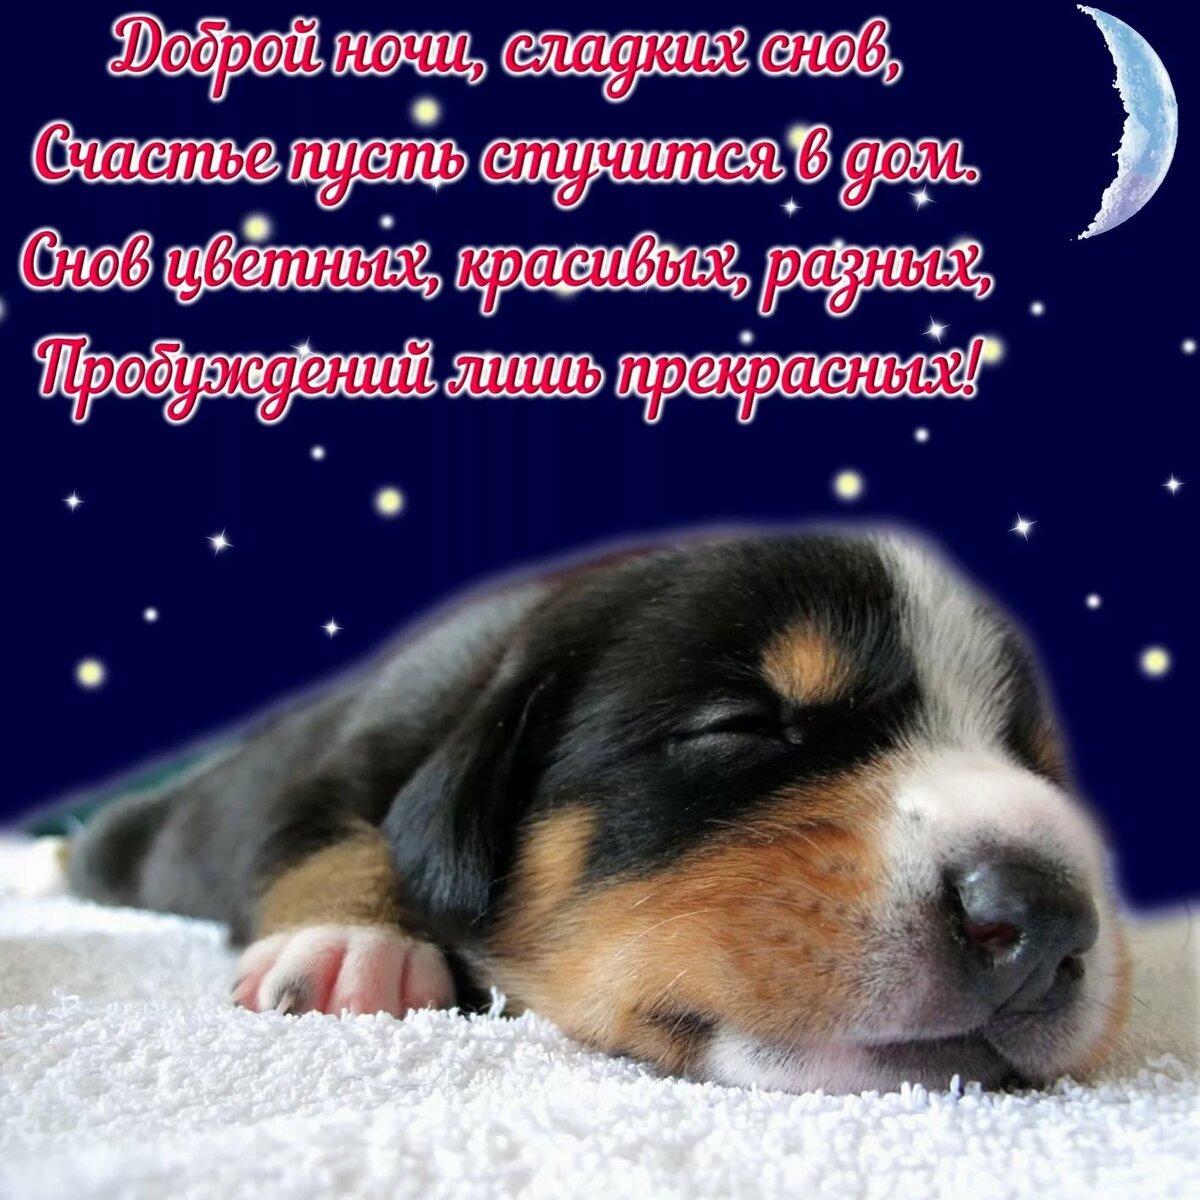 Картинка с пожеланием хорошего сна